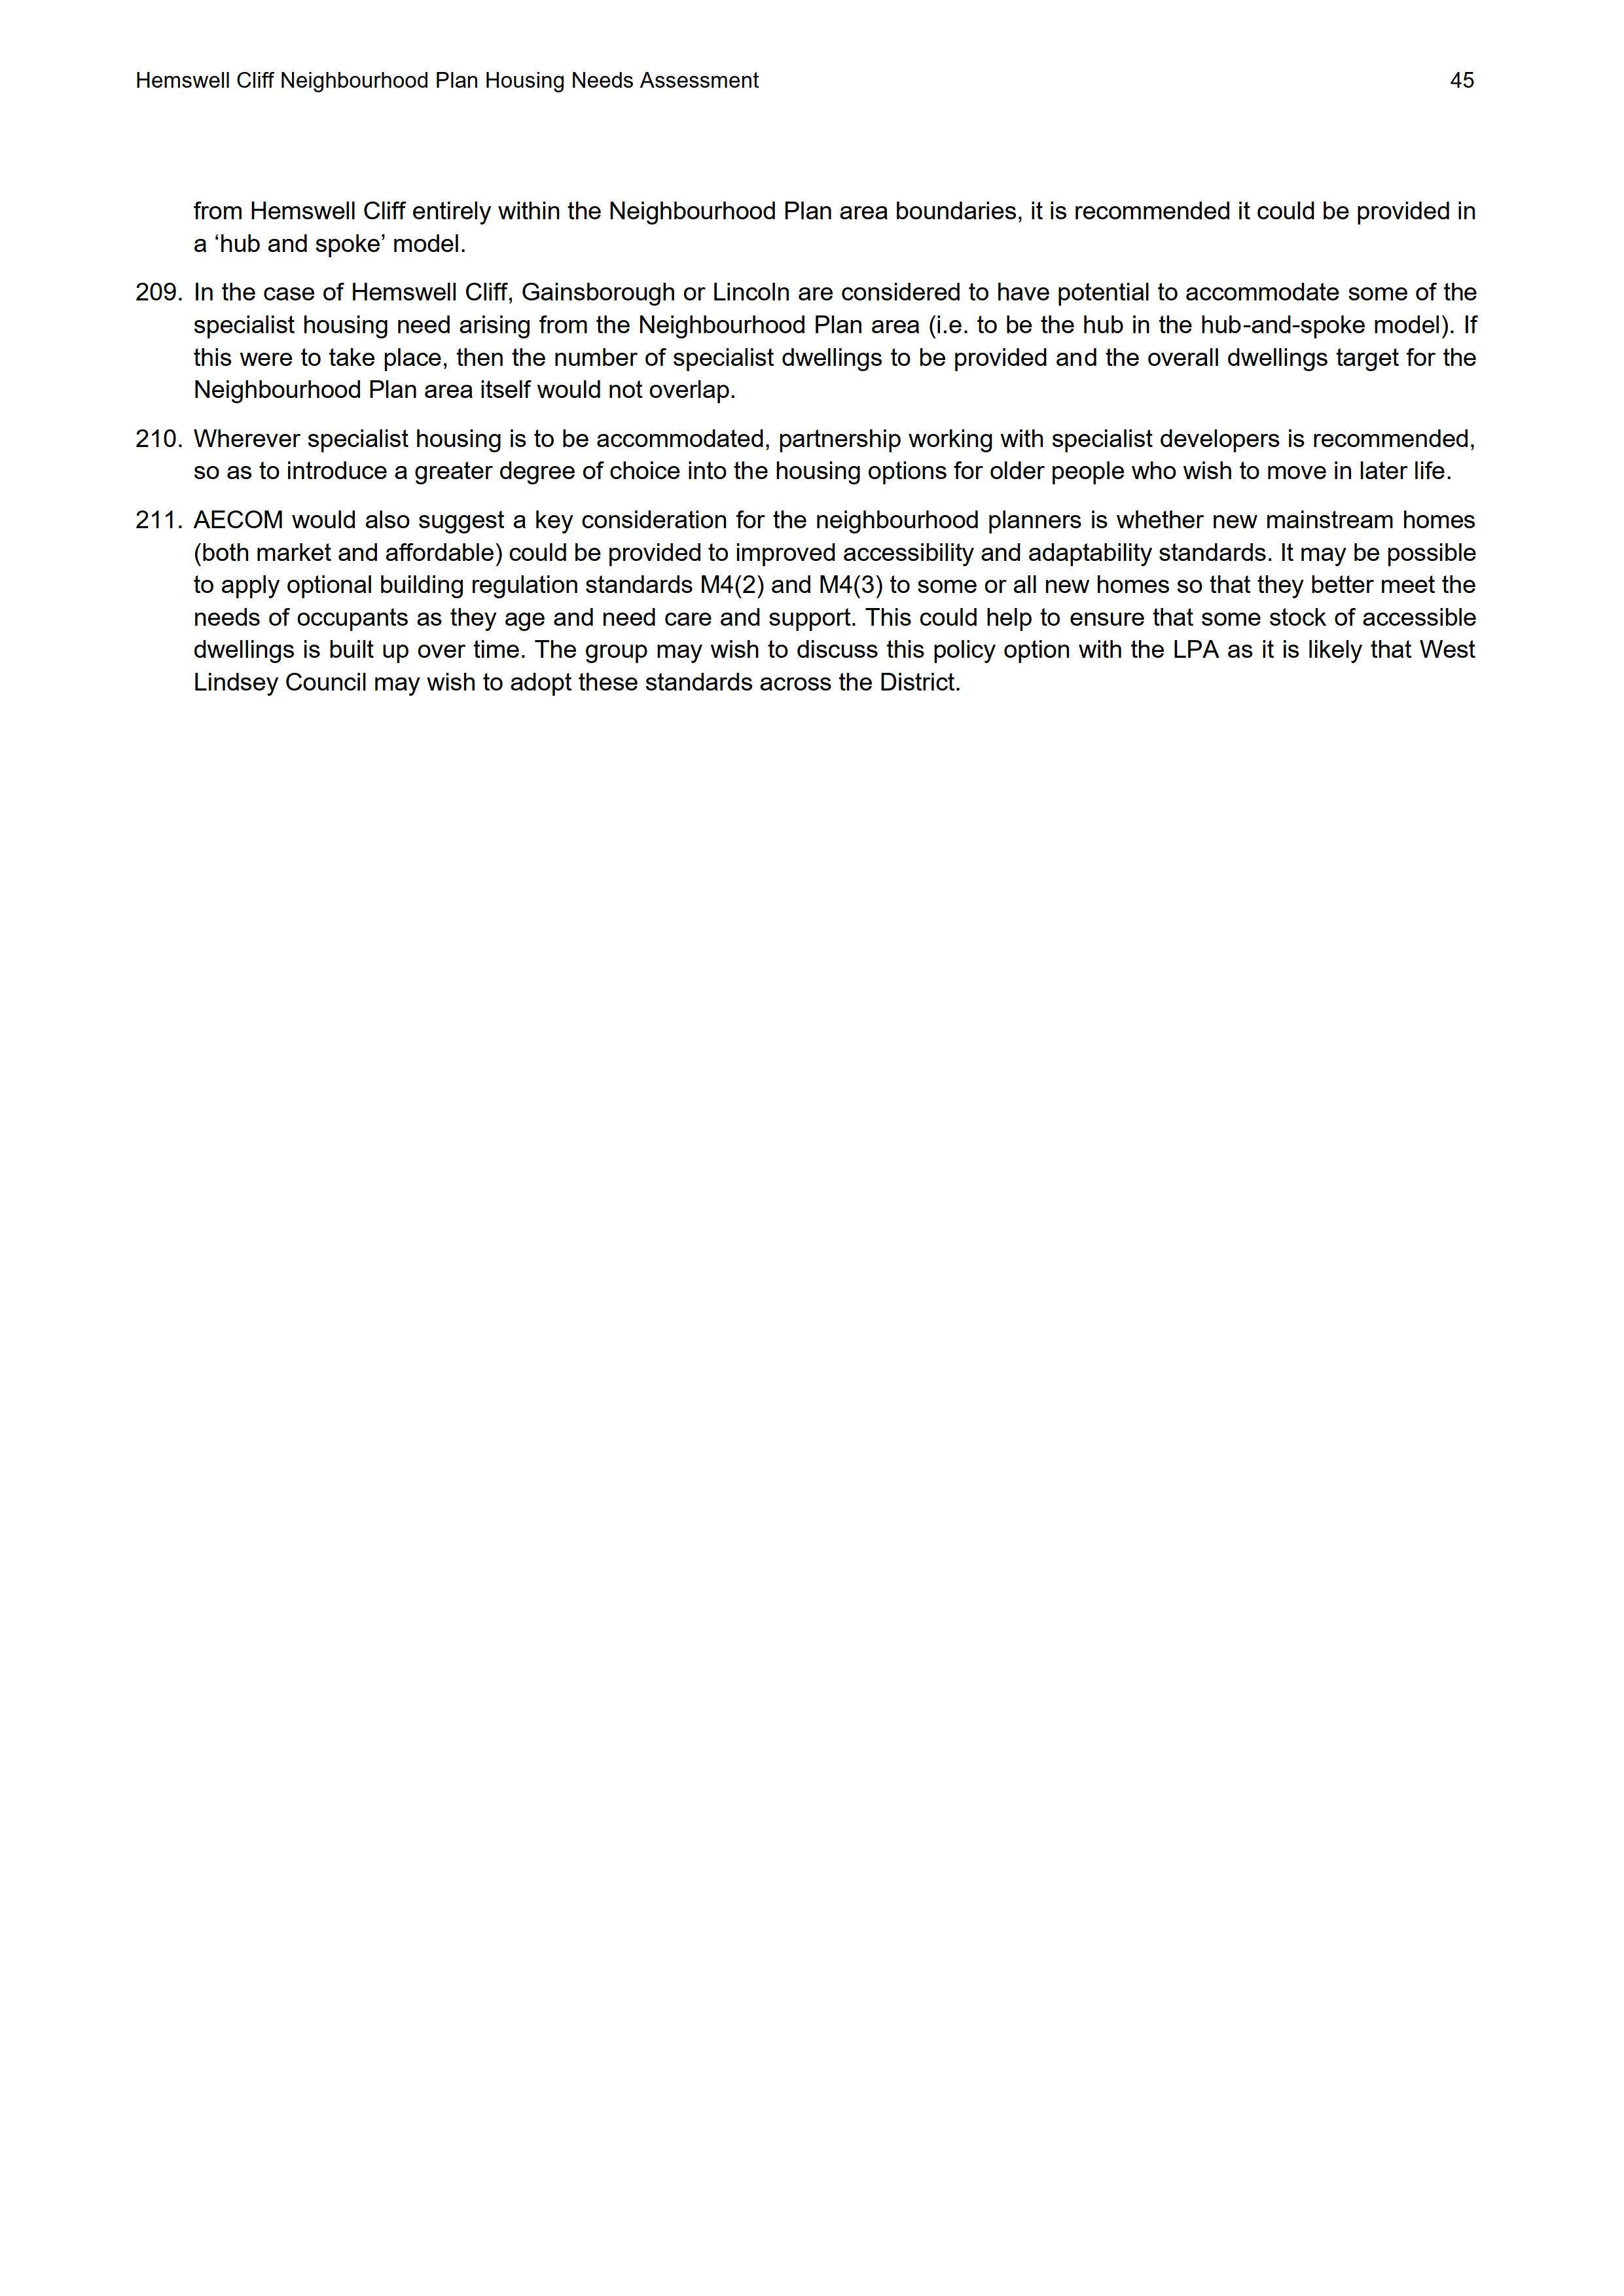 Hemswell_Cliff_Housing_Needs_Assessment_Final_45.png